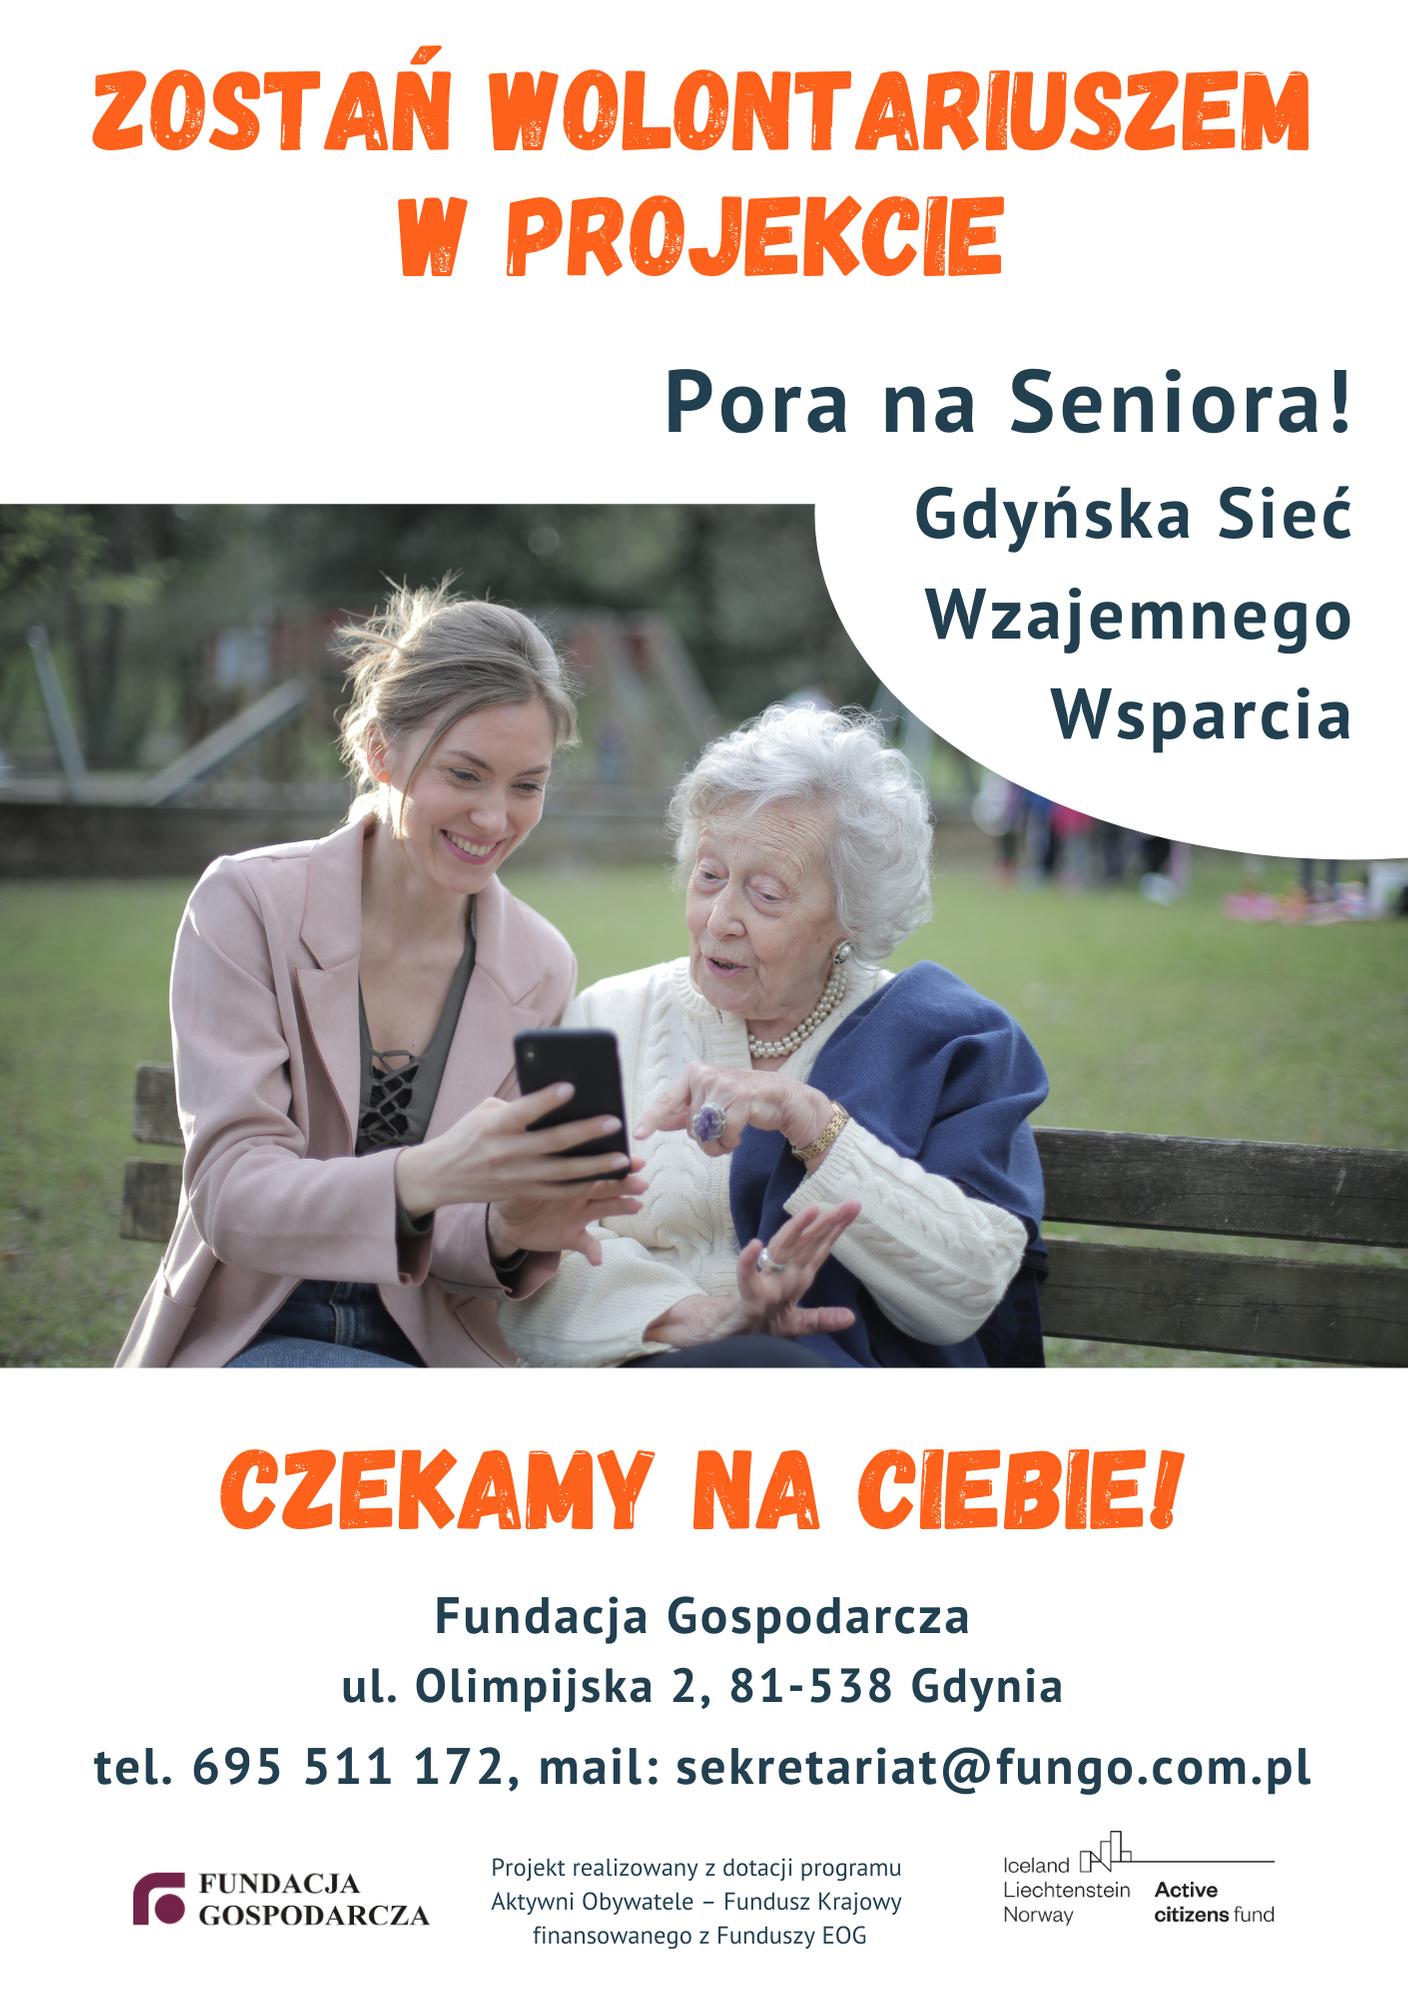 PORA NA SENIORA! GDYŃSKA SIEĆ WZAJEMNEGO WSPARCIA – oferta wolontariatu w nowym projekcie Fundacji Gospodarczej